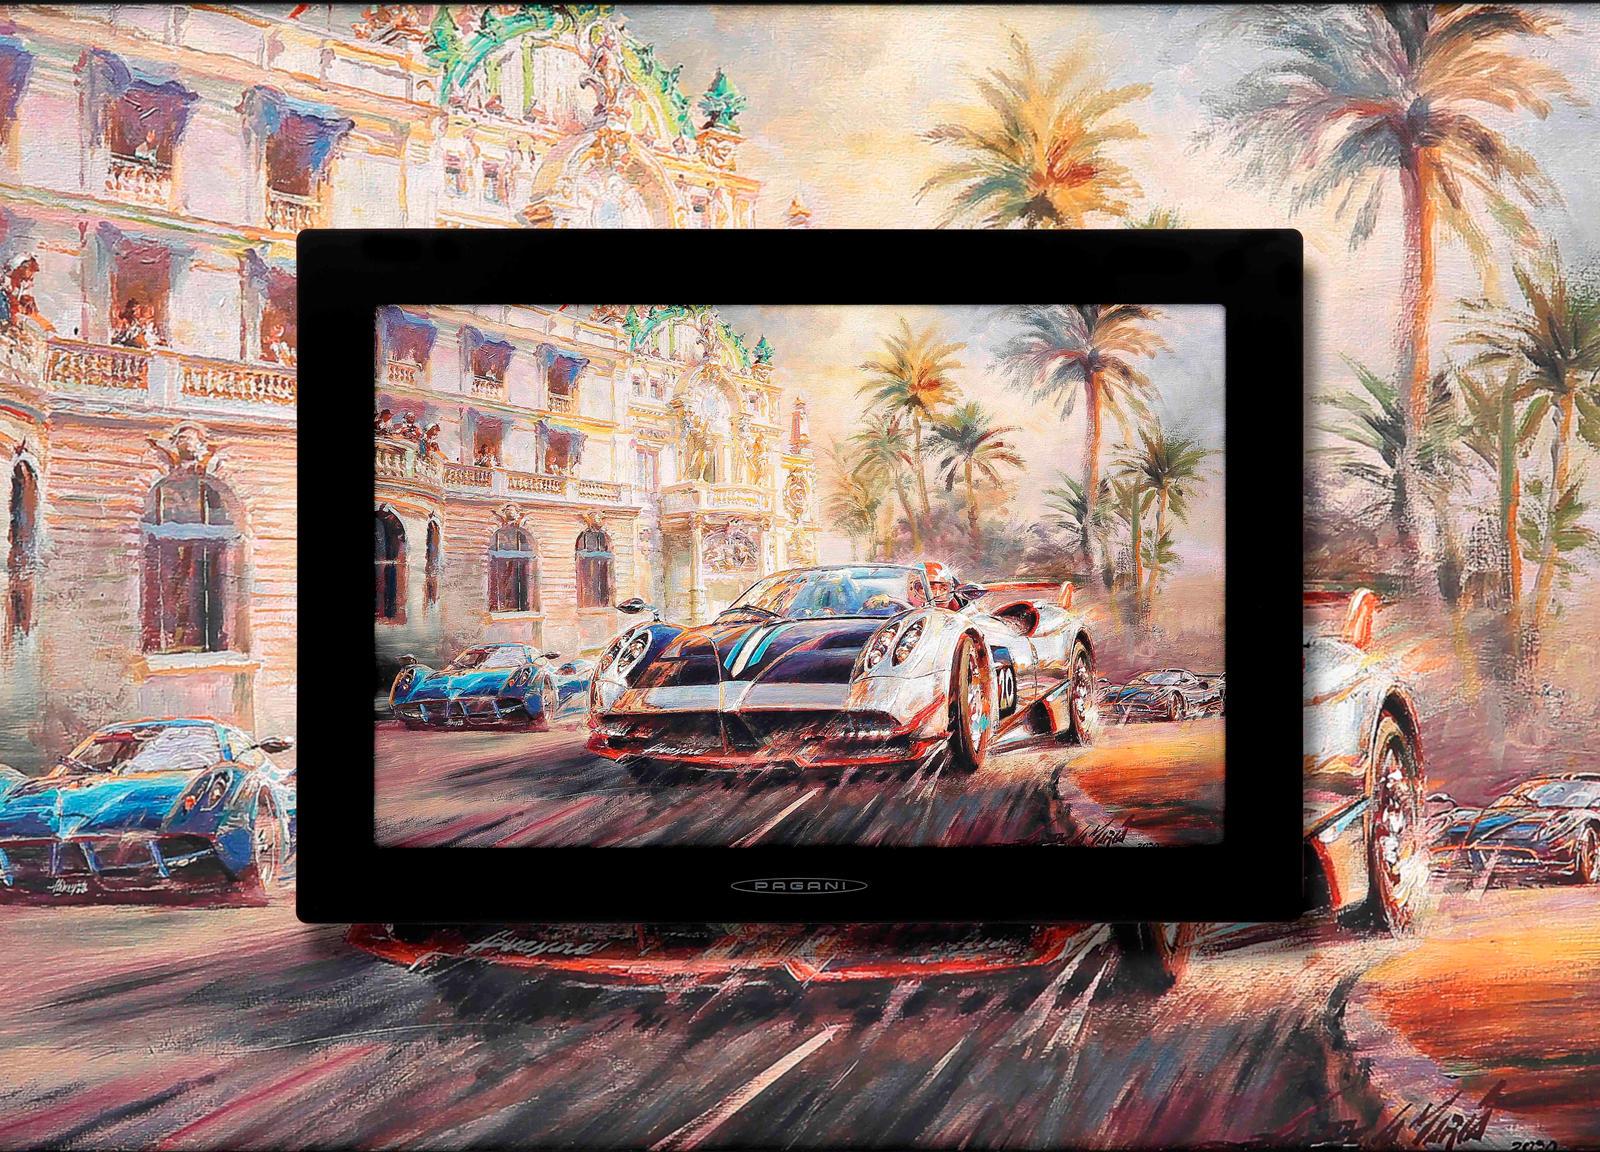 Pagani Huayra дебютировал в 2012 году как преемник Zonda. И, как и его предшественник, было несколько вариантов Huayra, включая баллистический Huayra BC, оснащенный 6,0-литровым твин-турбо V12 мощностью 745 л.с. и 1000 Нм крутящего момента. Впечатляе